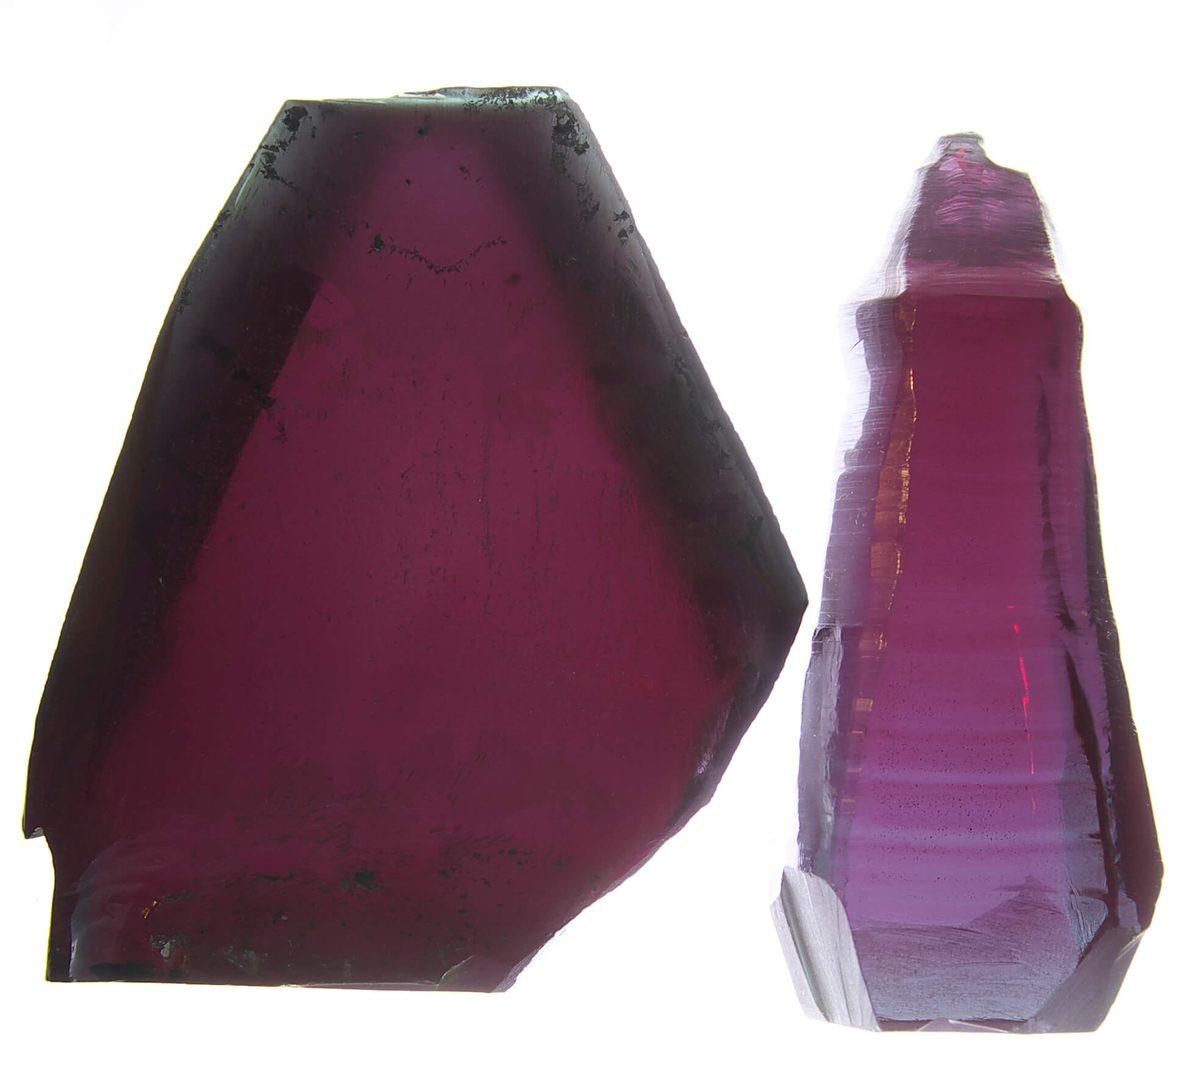 Окраска и полосчатость кристаллов ГНК и CZ